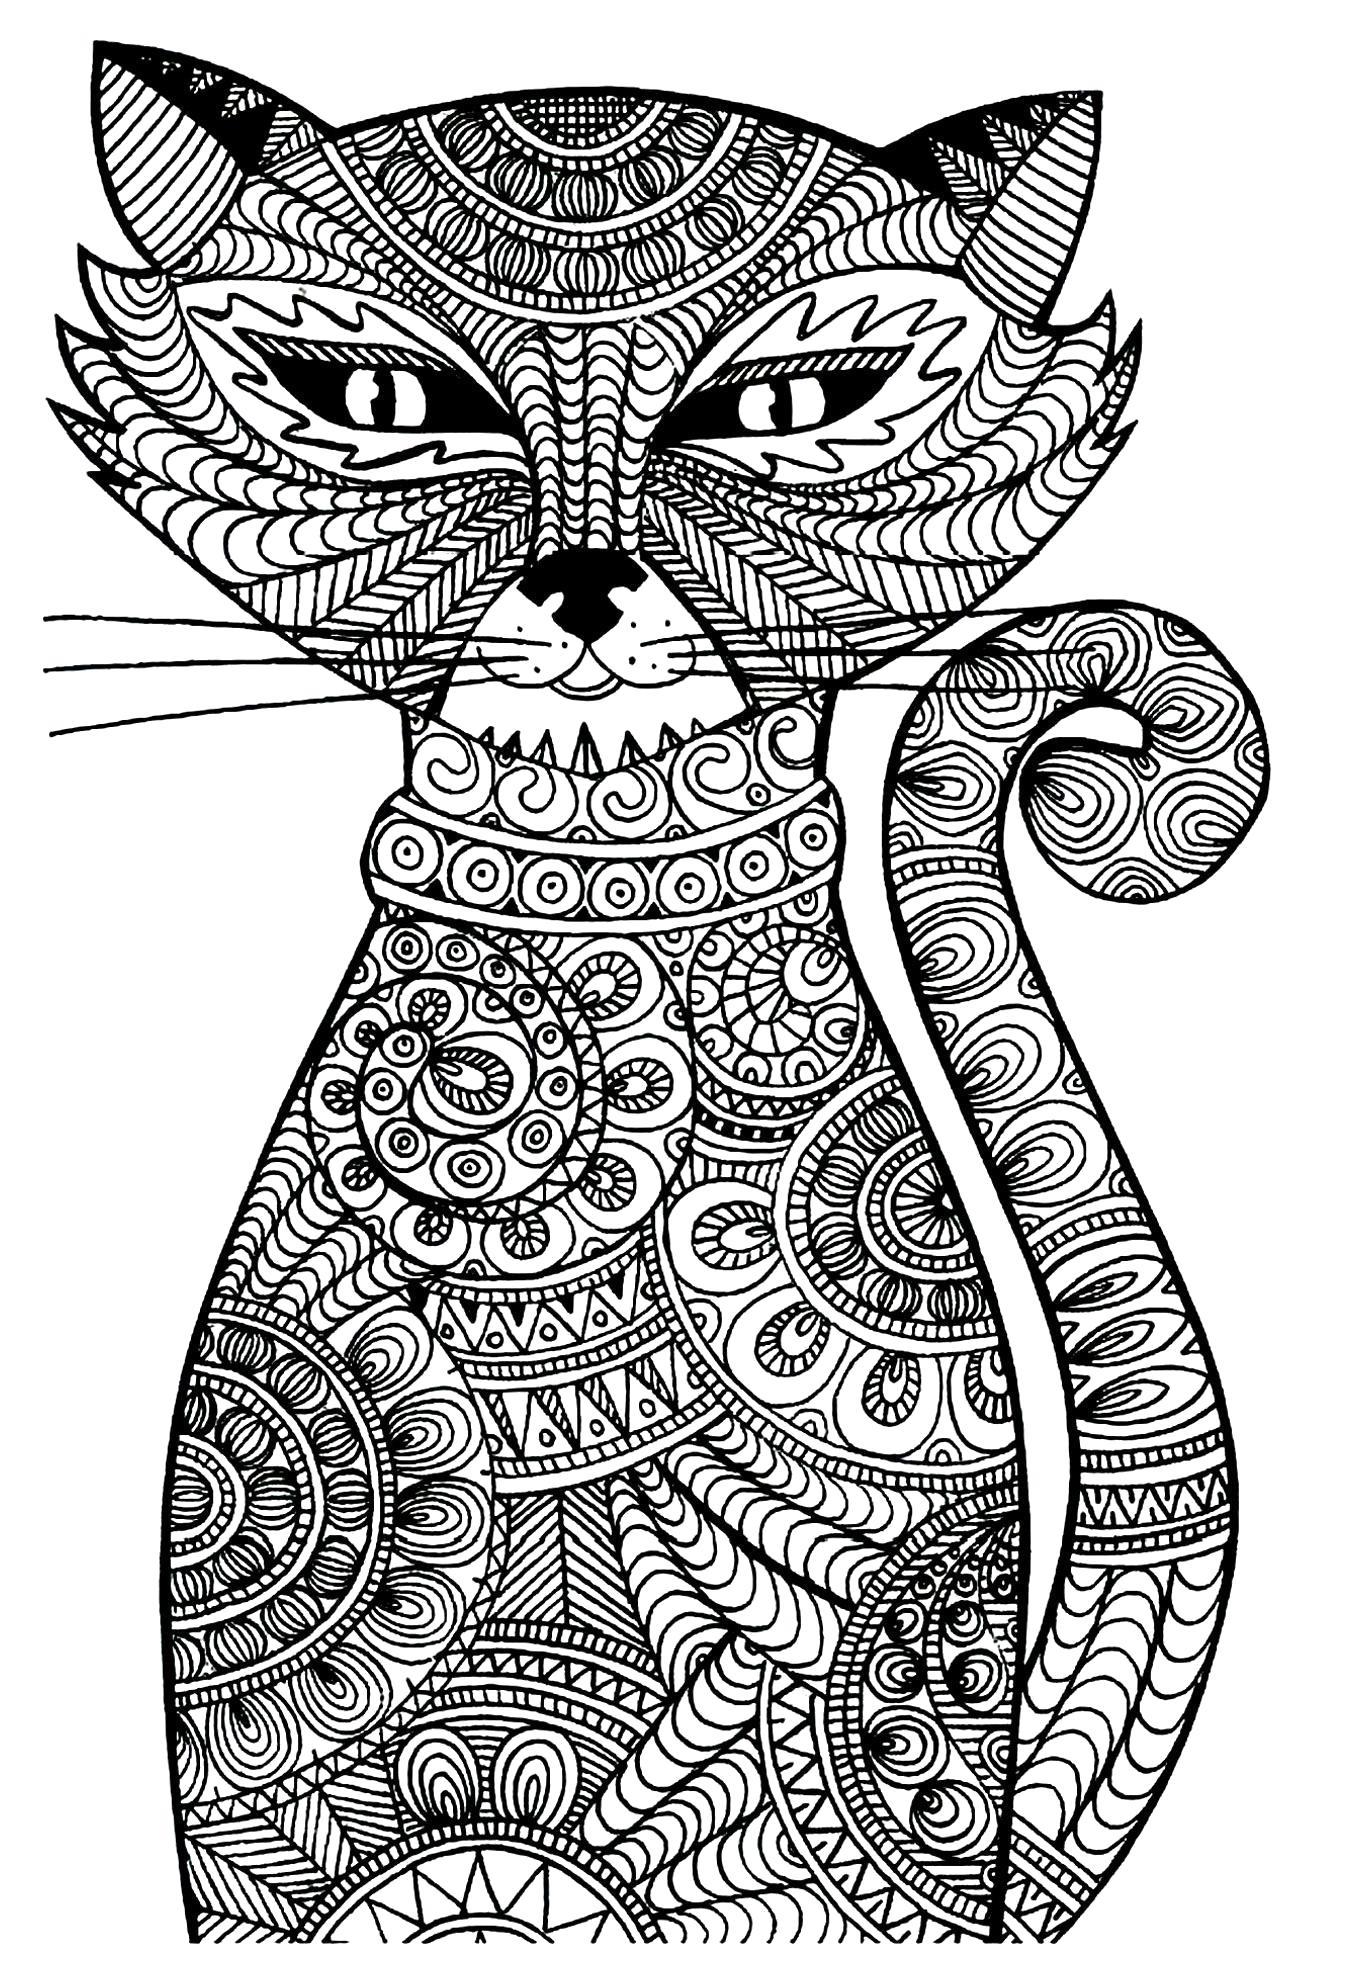 Раскраска кошка. Скачать антистресс.  Распечатать